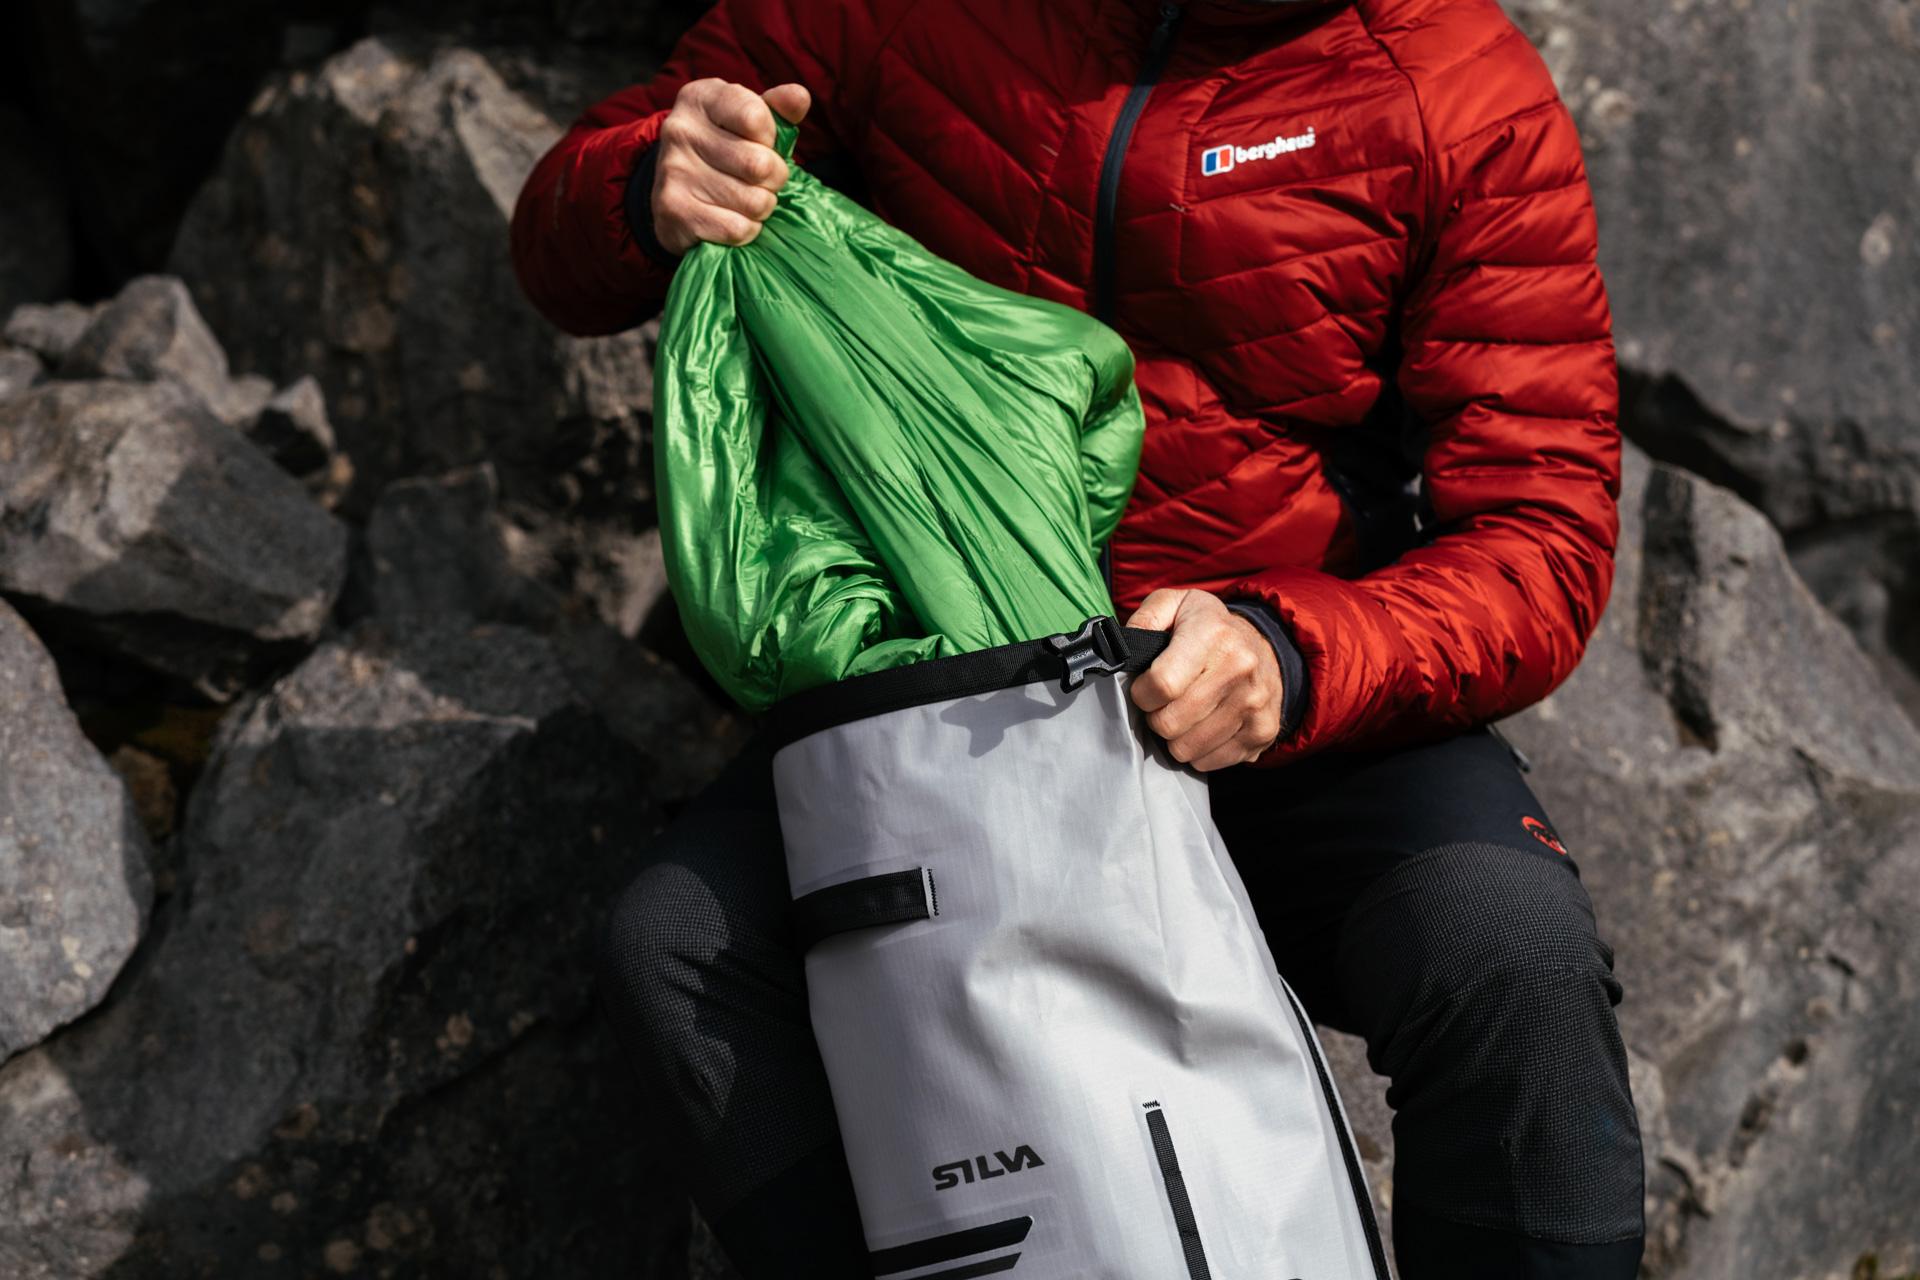 OMM Unisex Ultra 12 Red Mesh Yolk Harness System Running Bag Rucksack Backpack